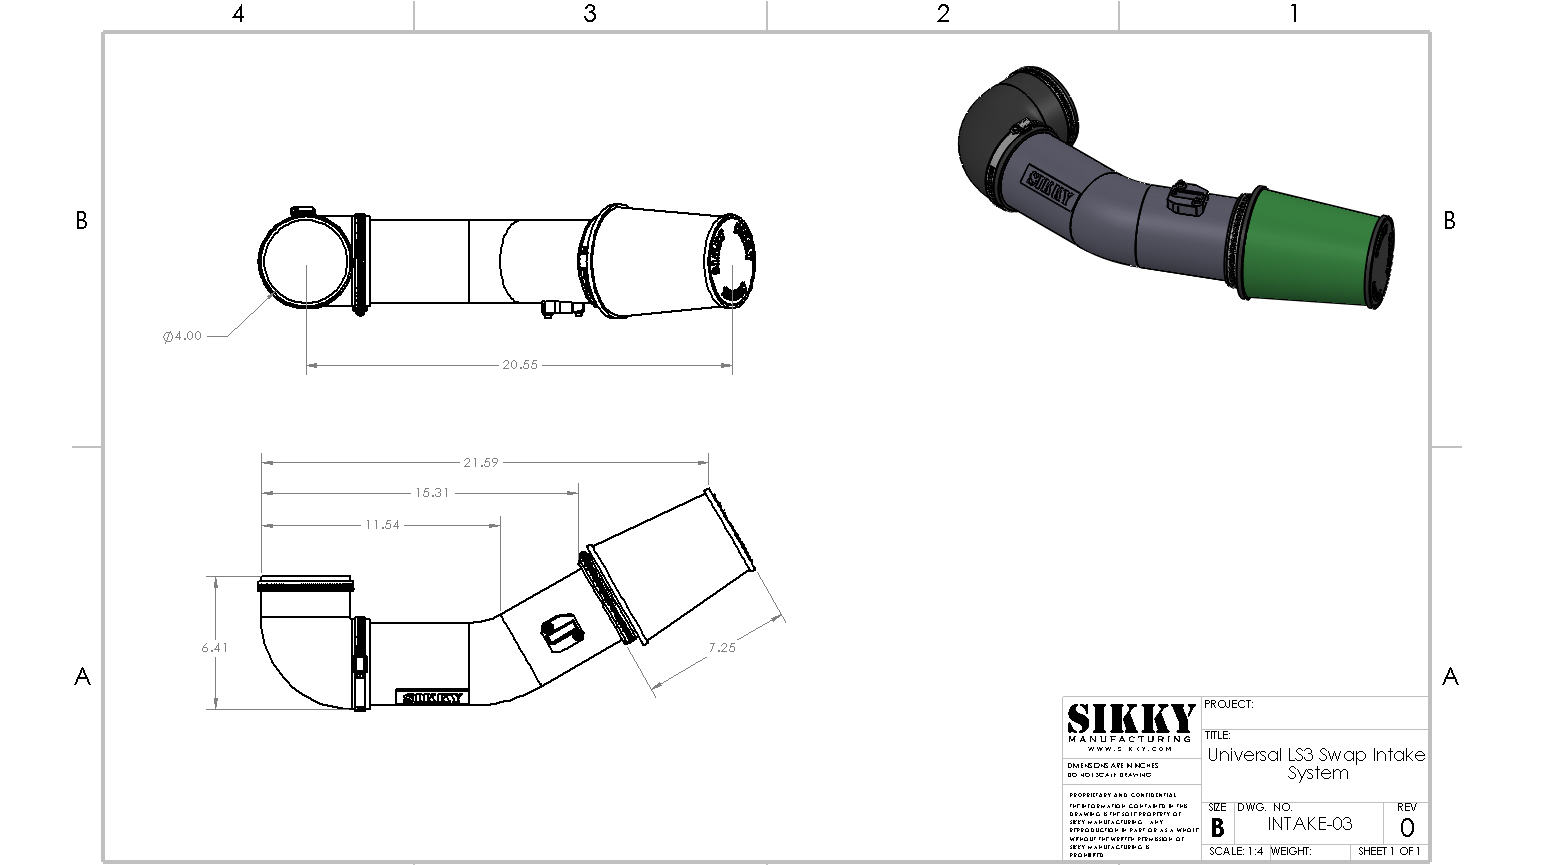 Ls3 Swap Air Intake